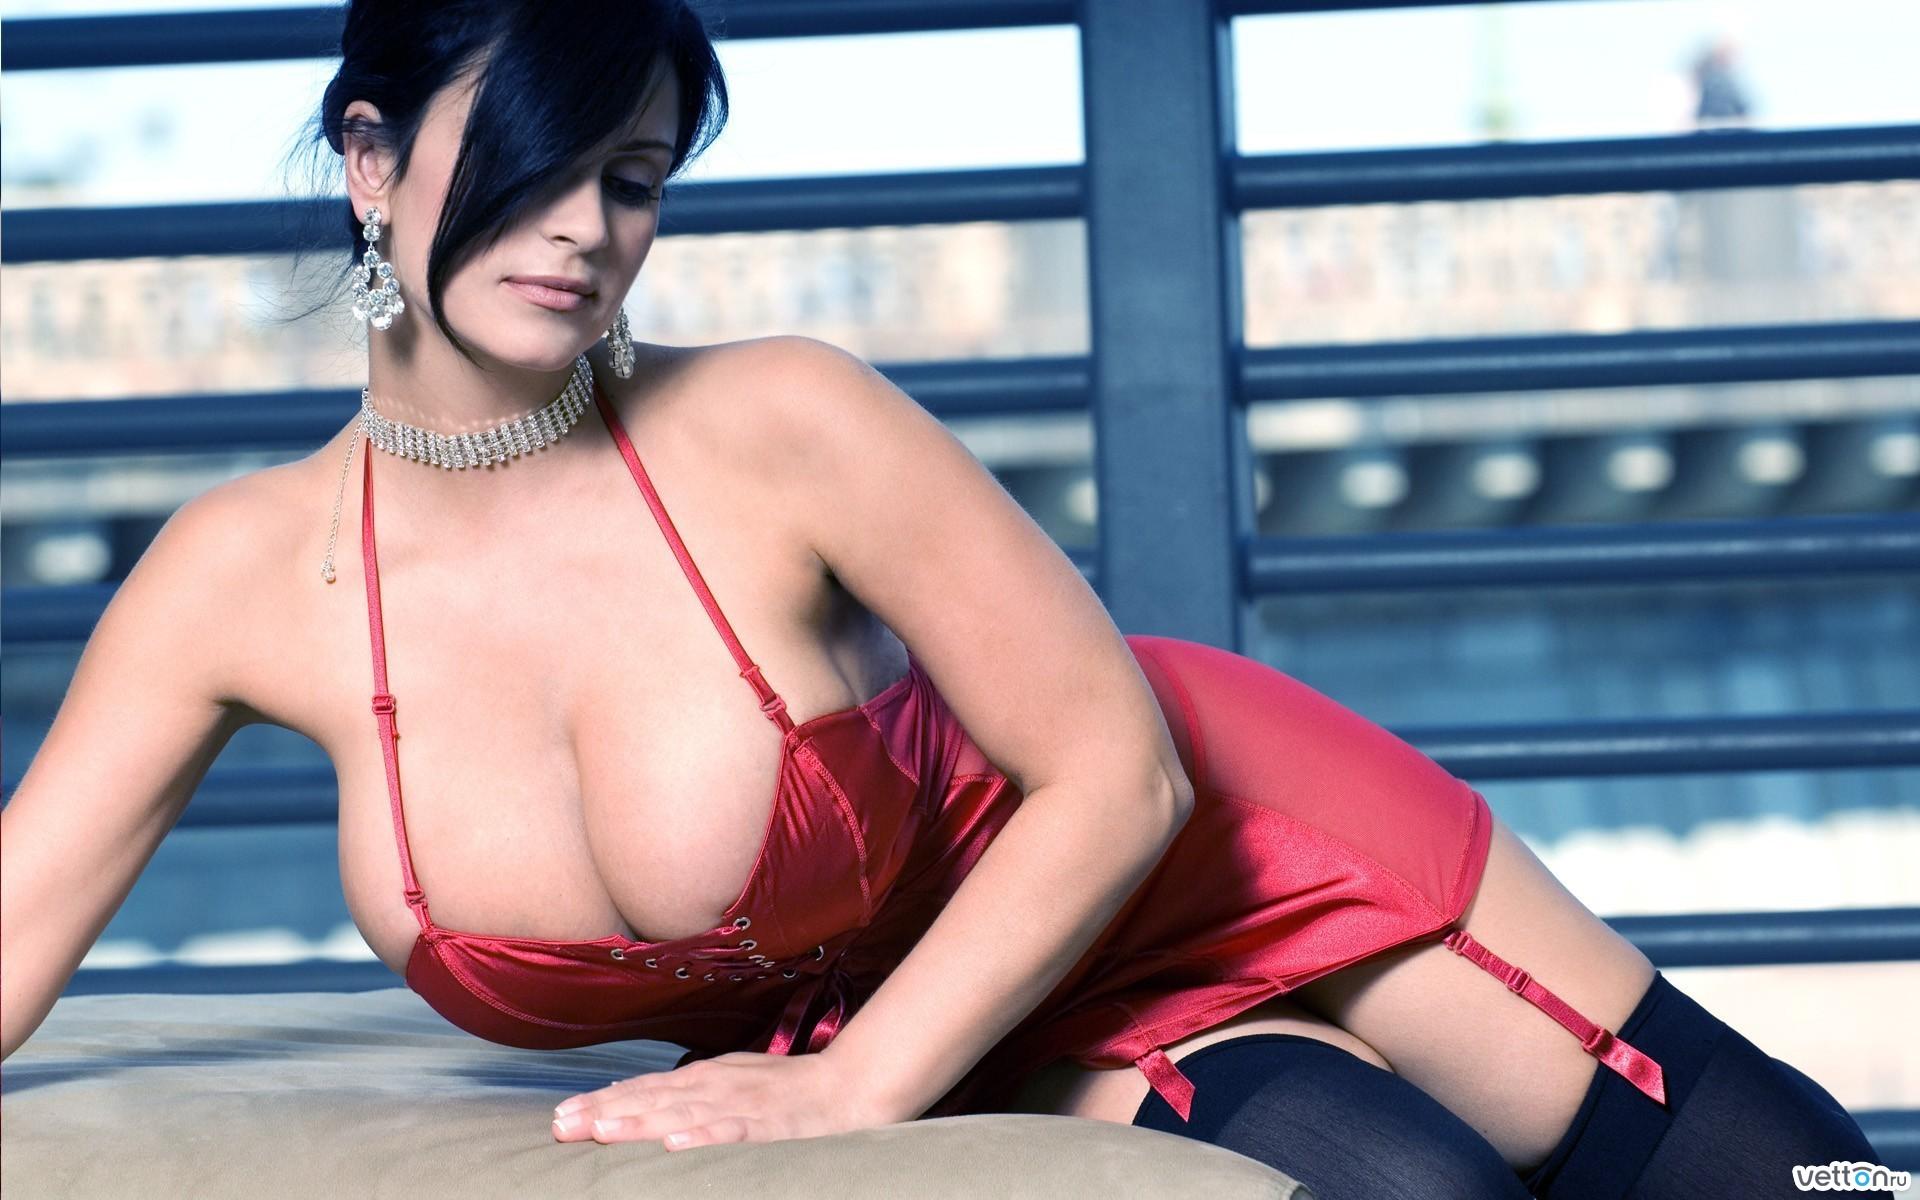 Русская девочка с большой грудью эротика 24 фотография